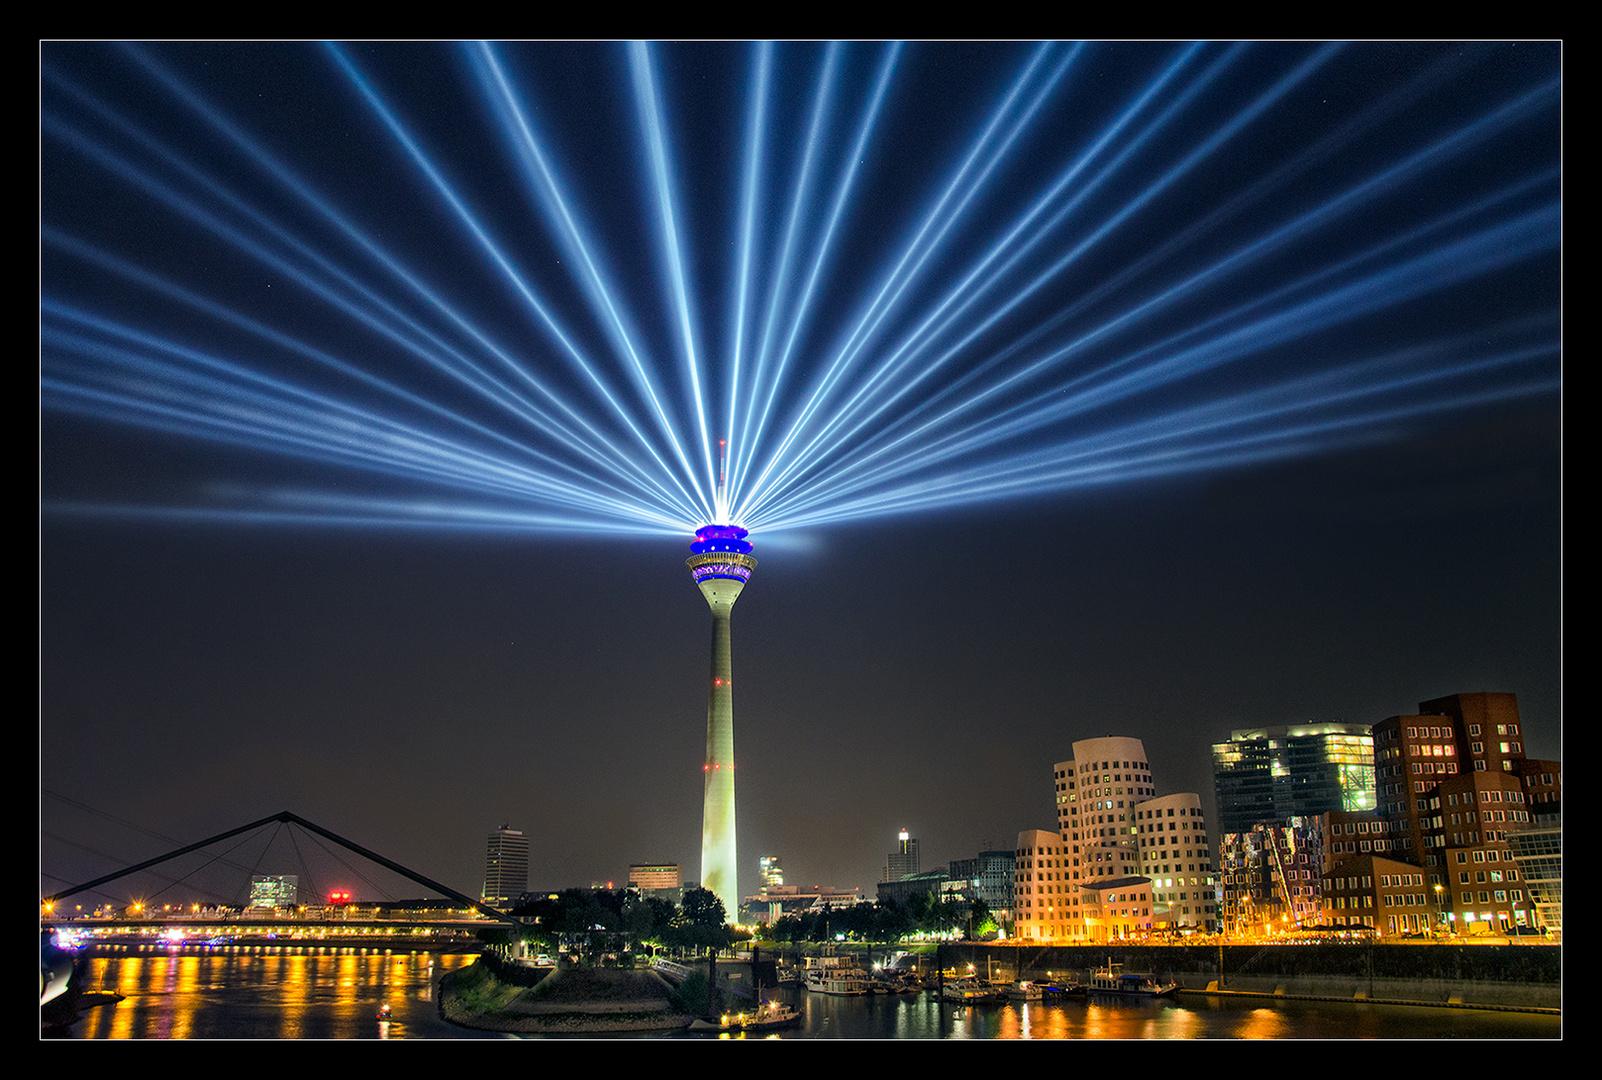 Rheinturm Lichtskulptur #1 - 70 Jahre NRW